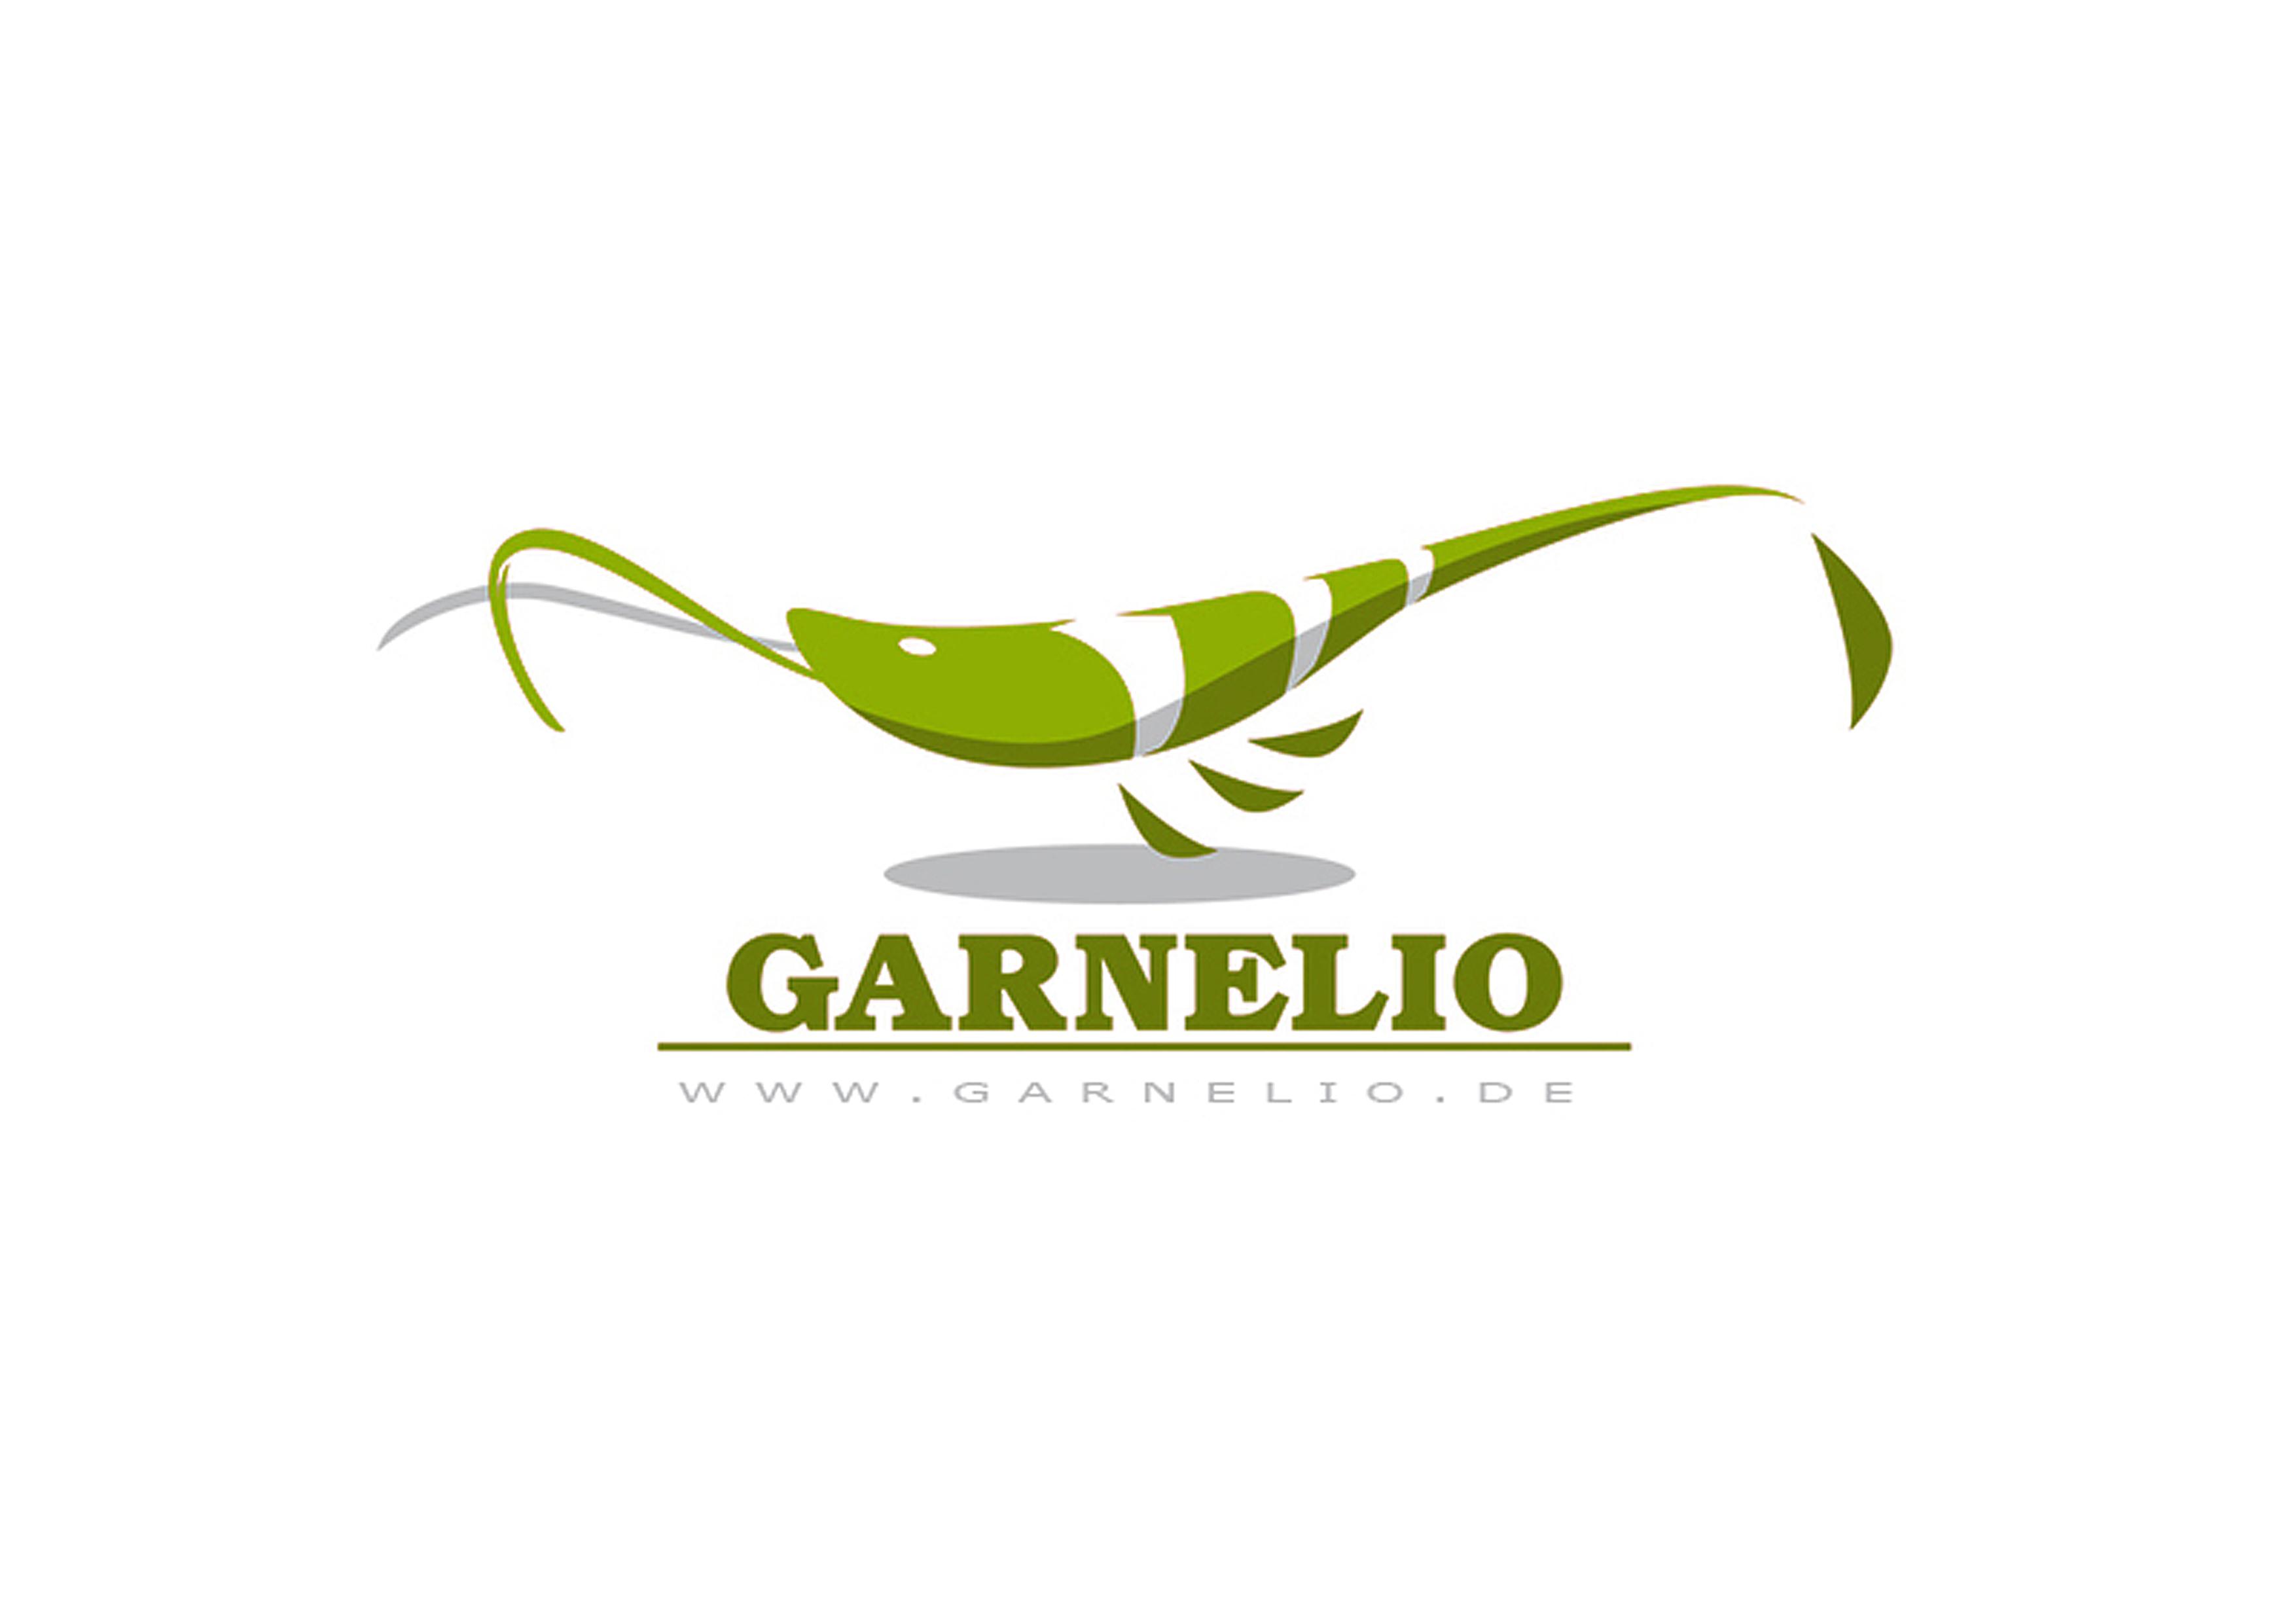 Garnelio Produkts